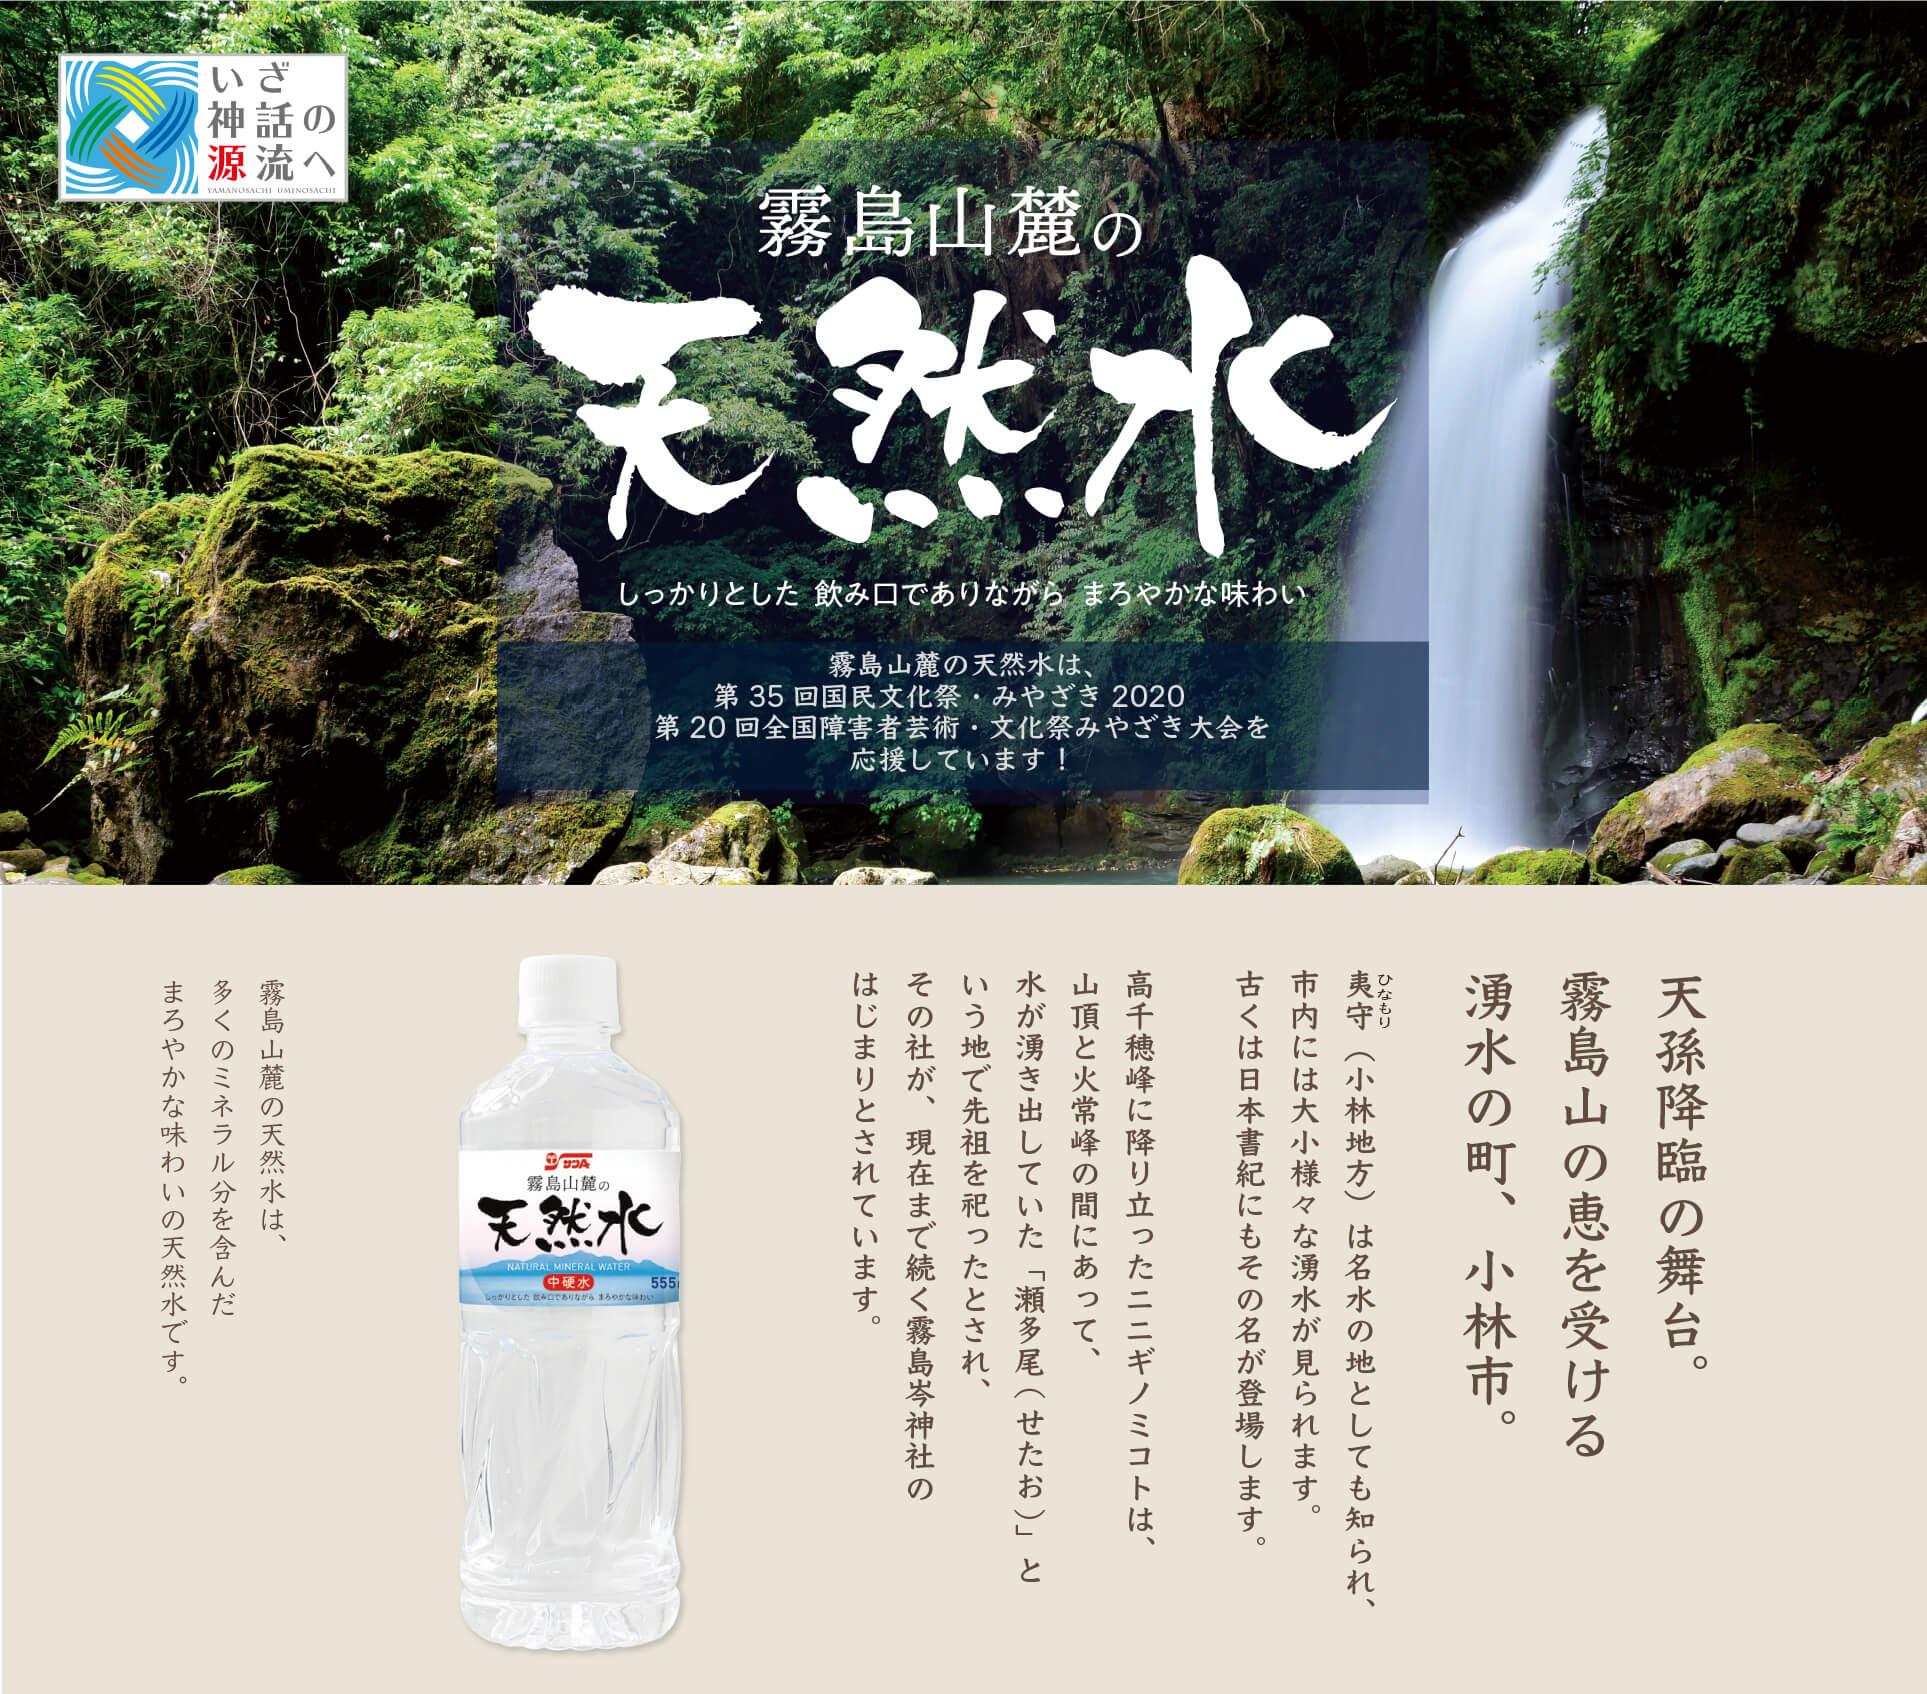 霧島山麓の天然水 しっかりとした飲み口でありながらまろやかな味わい